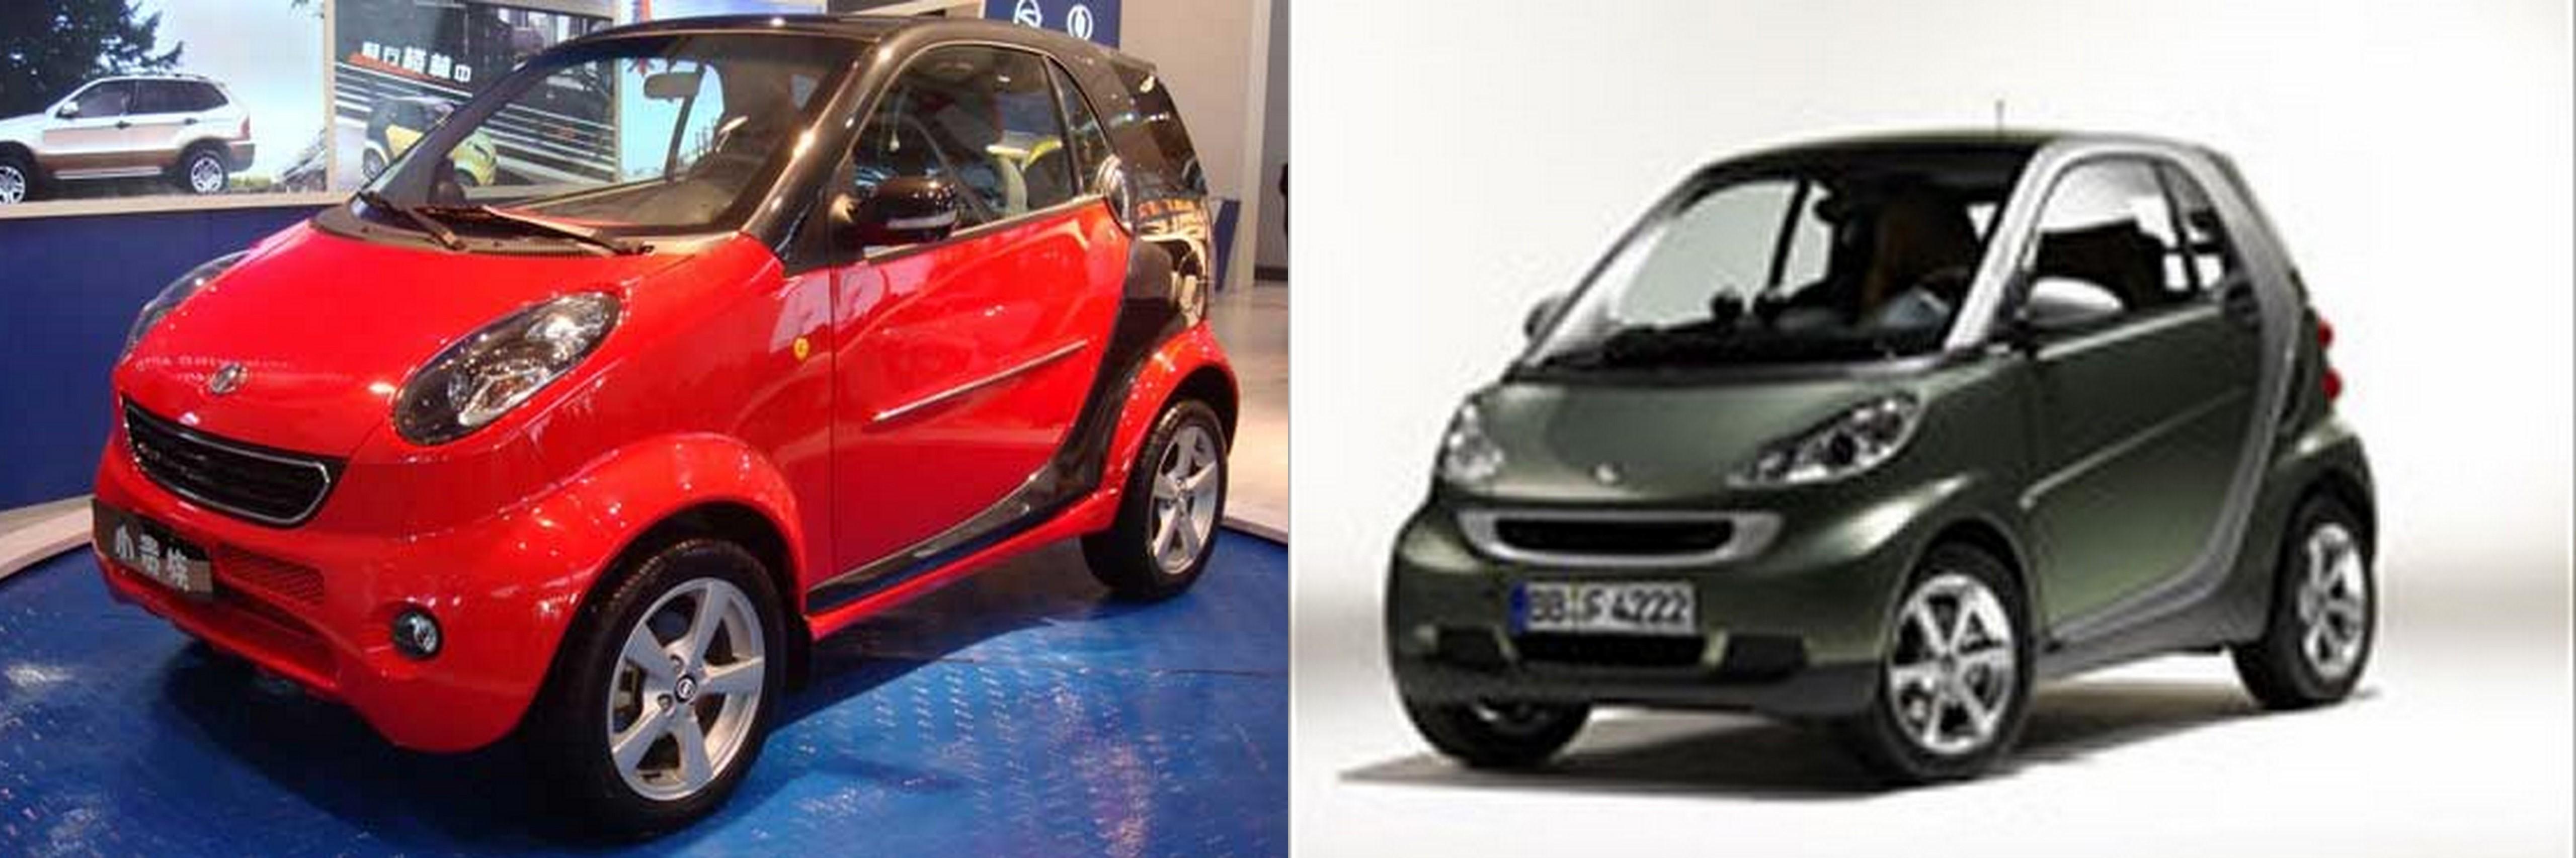 中國生產的這台新車,讓很多英國人憤怒了。你看一眼就會馬上知道為什麼了。